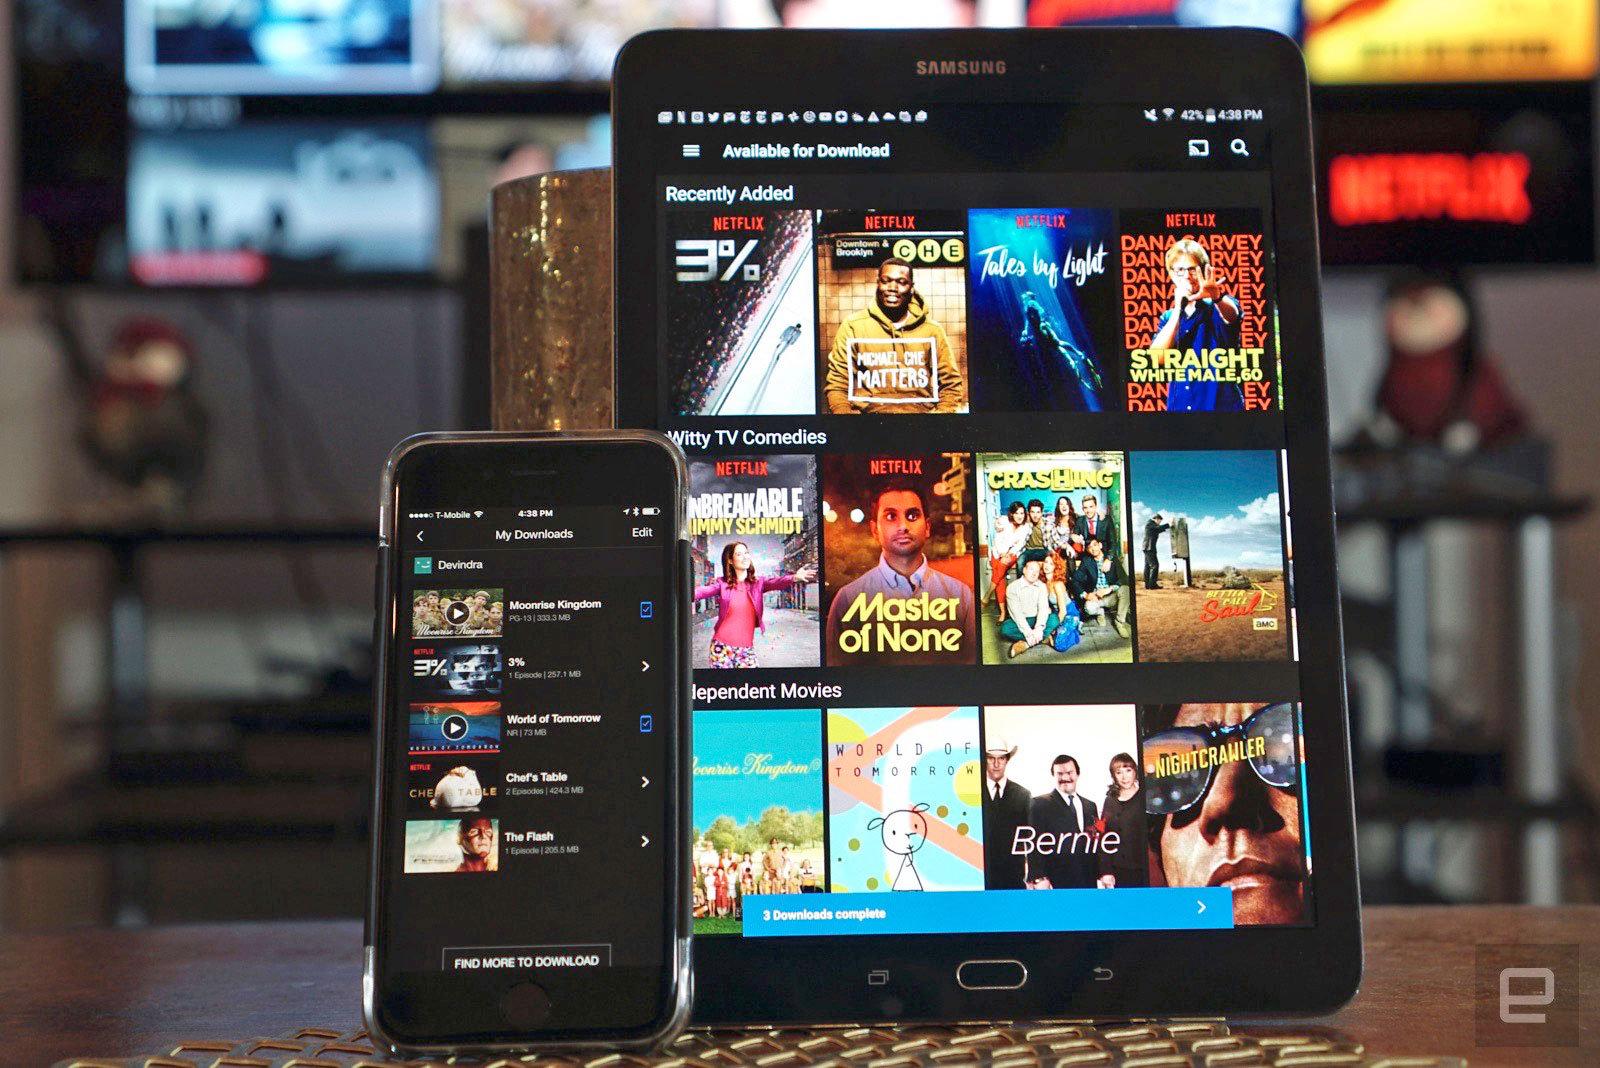 ¿Tienes un teléfono Android rooteado? Olvídate de Netflix